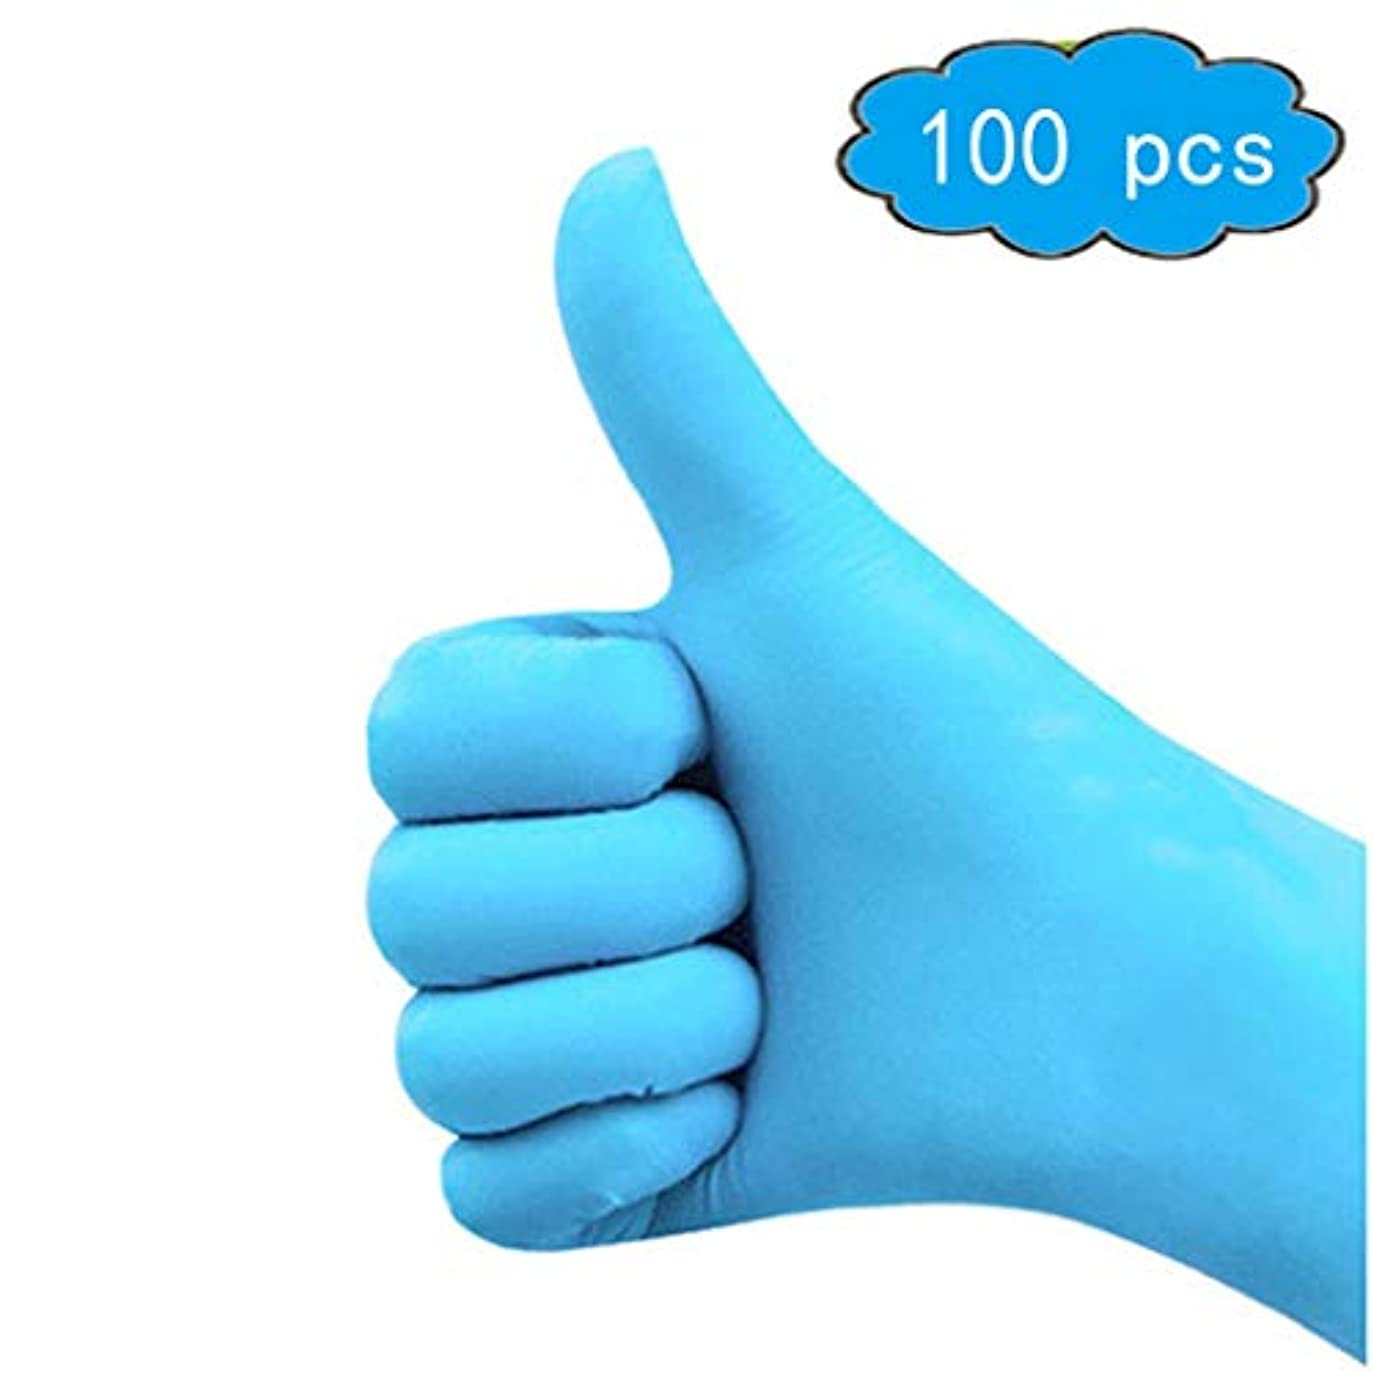 米ドルキルスオーケストラ使い捨てニトリル手袋、パウダーなし、厚く、3 mil、青、サイズL、100個入り、サニタリー手袋、家庭用品 (Color : Blue, Size : L)